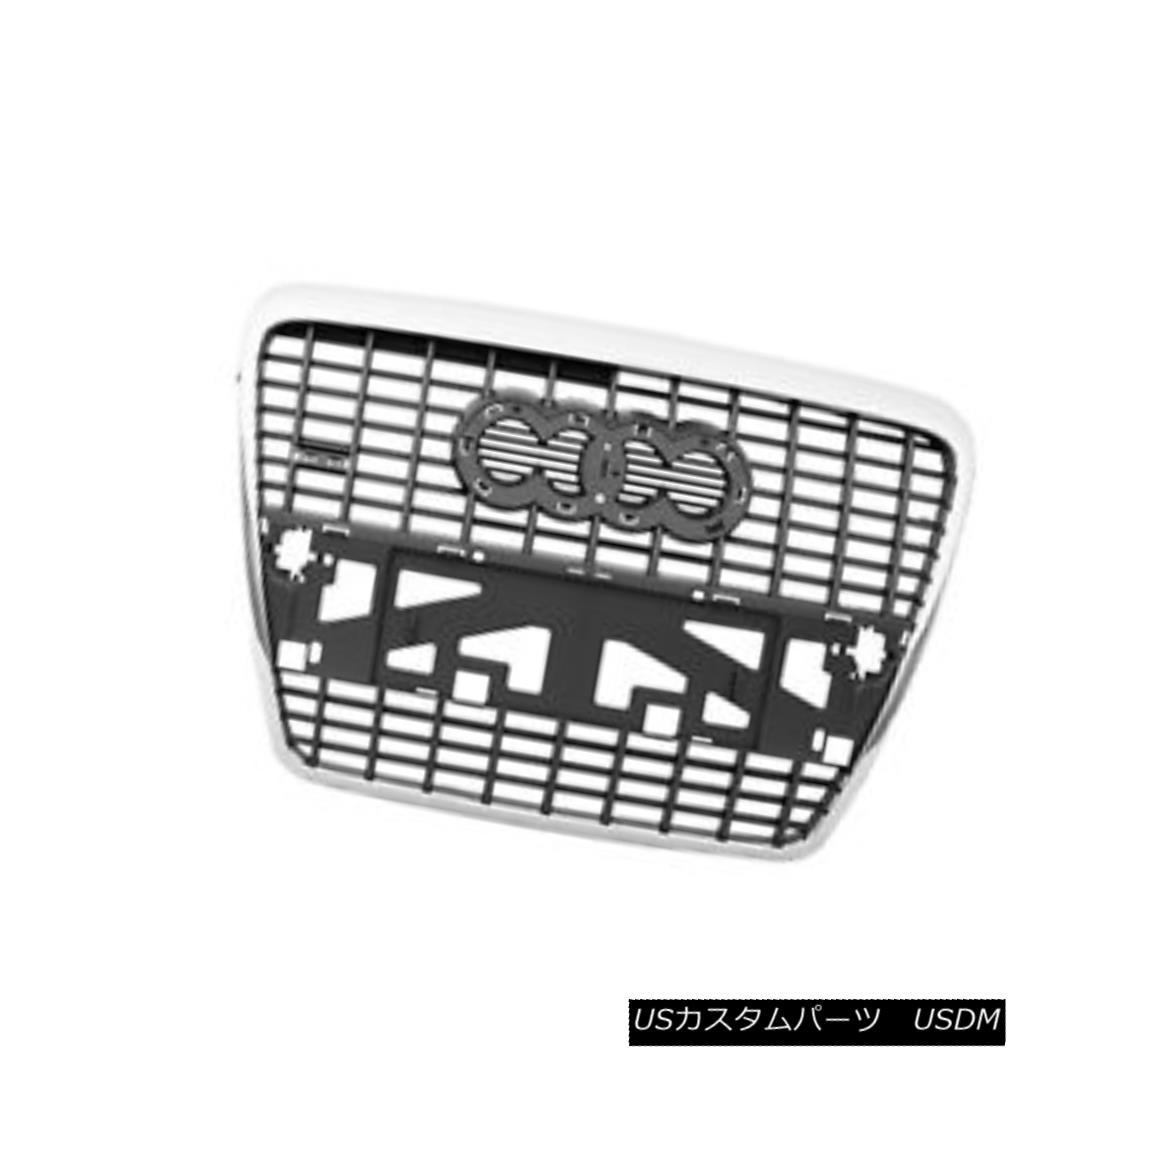 グリル New Replacement Front Grille Silver & Black 104-59401B 新しい交換用フロントグリルシルバー& 黒104-59401B